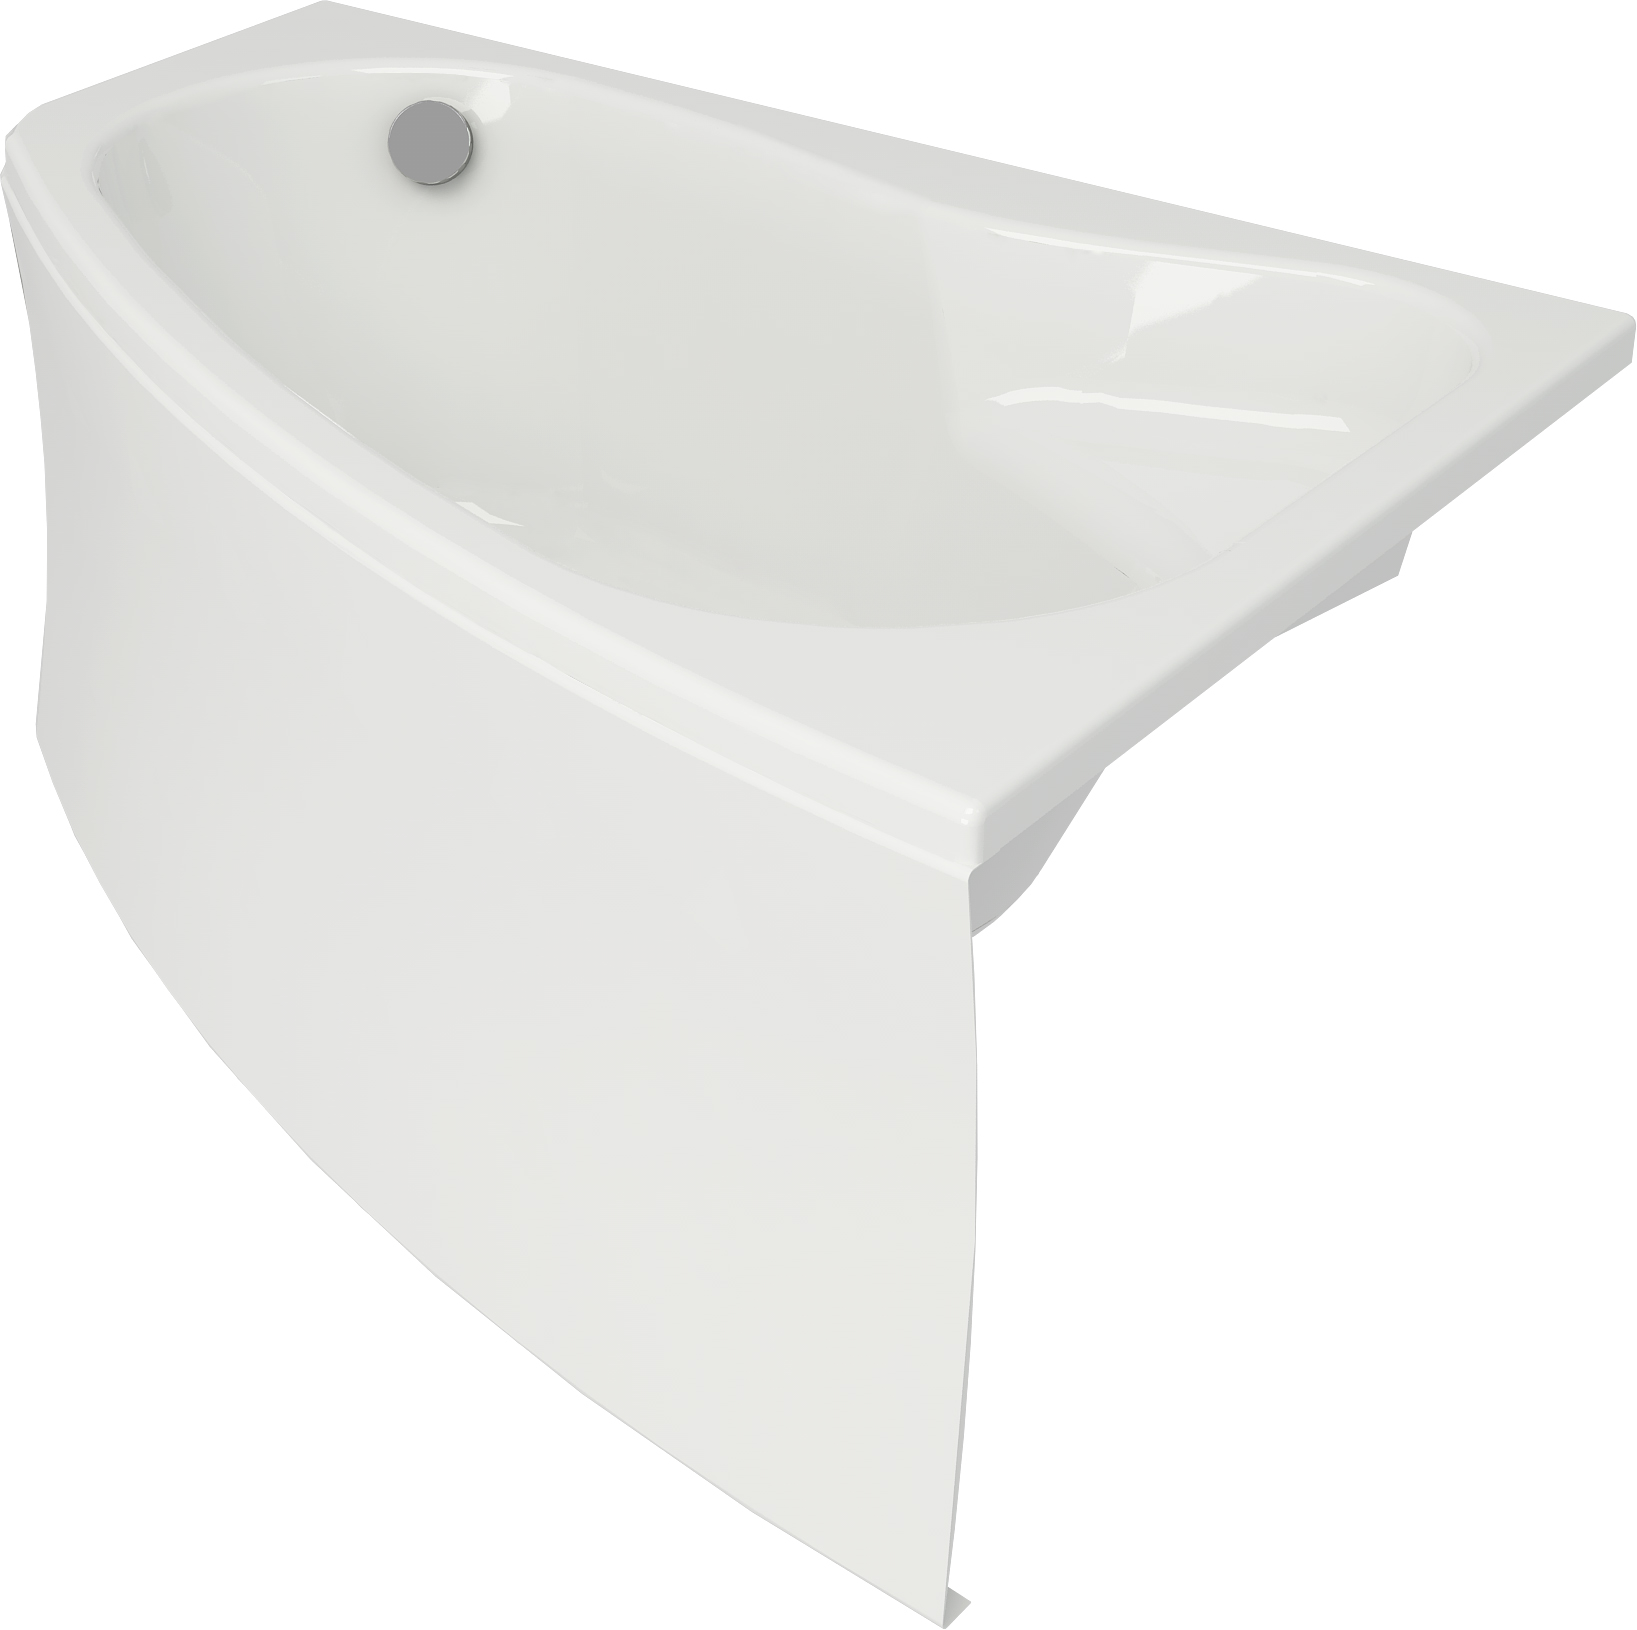 Ванна акриловая Cersanit Sicilia new правая 170 S301-098